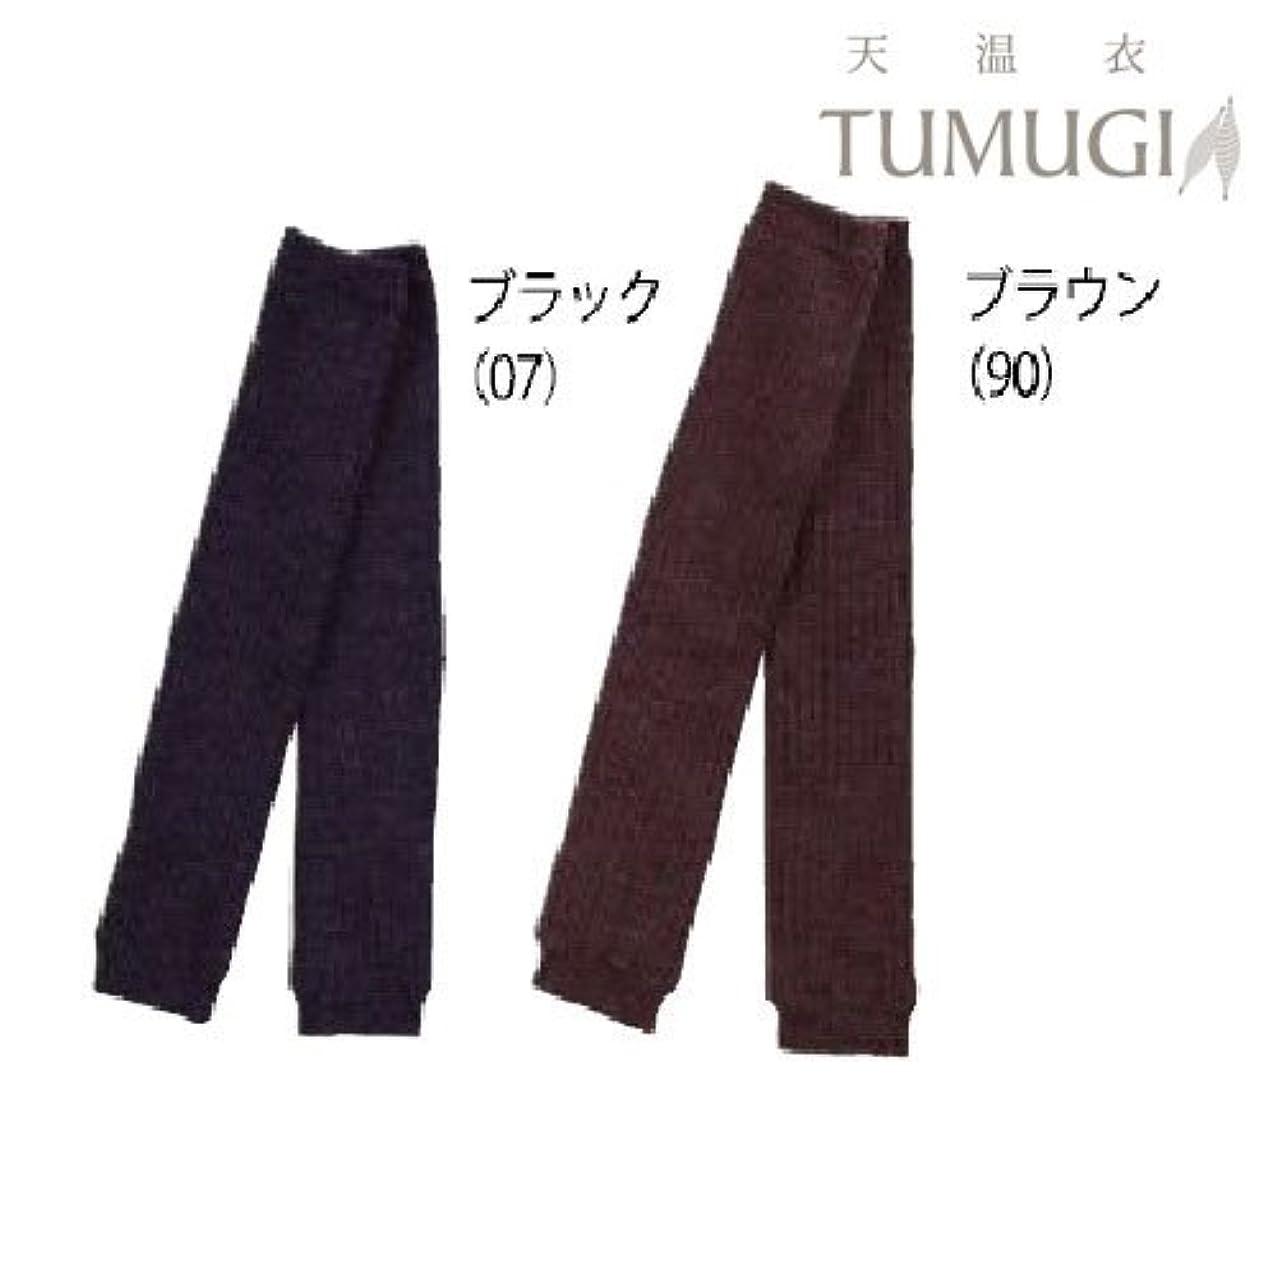 ウィスキー教えて要求する天温衣TUMUGI  ウールとシルクの2重編みレッグウォーマー (ブラウン(茶))